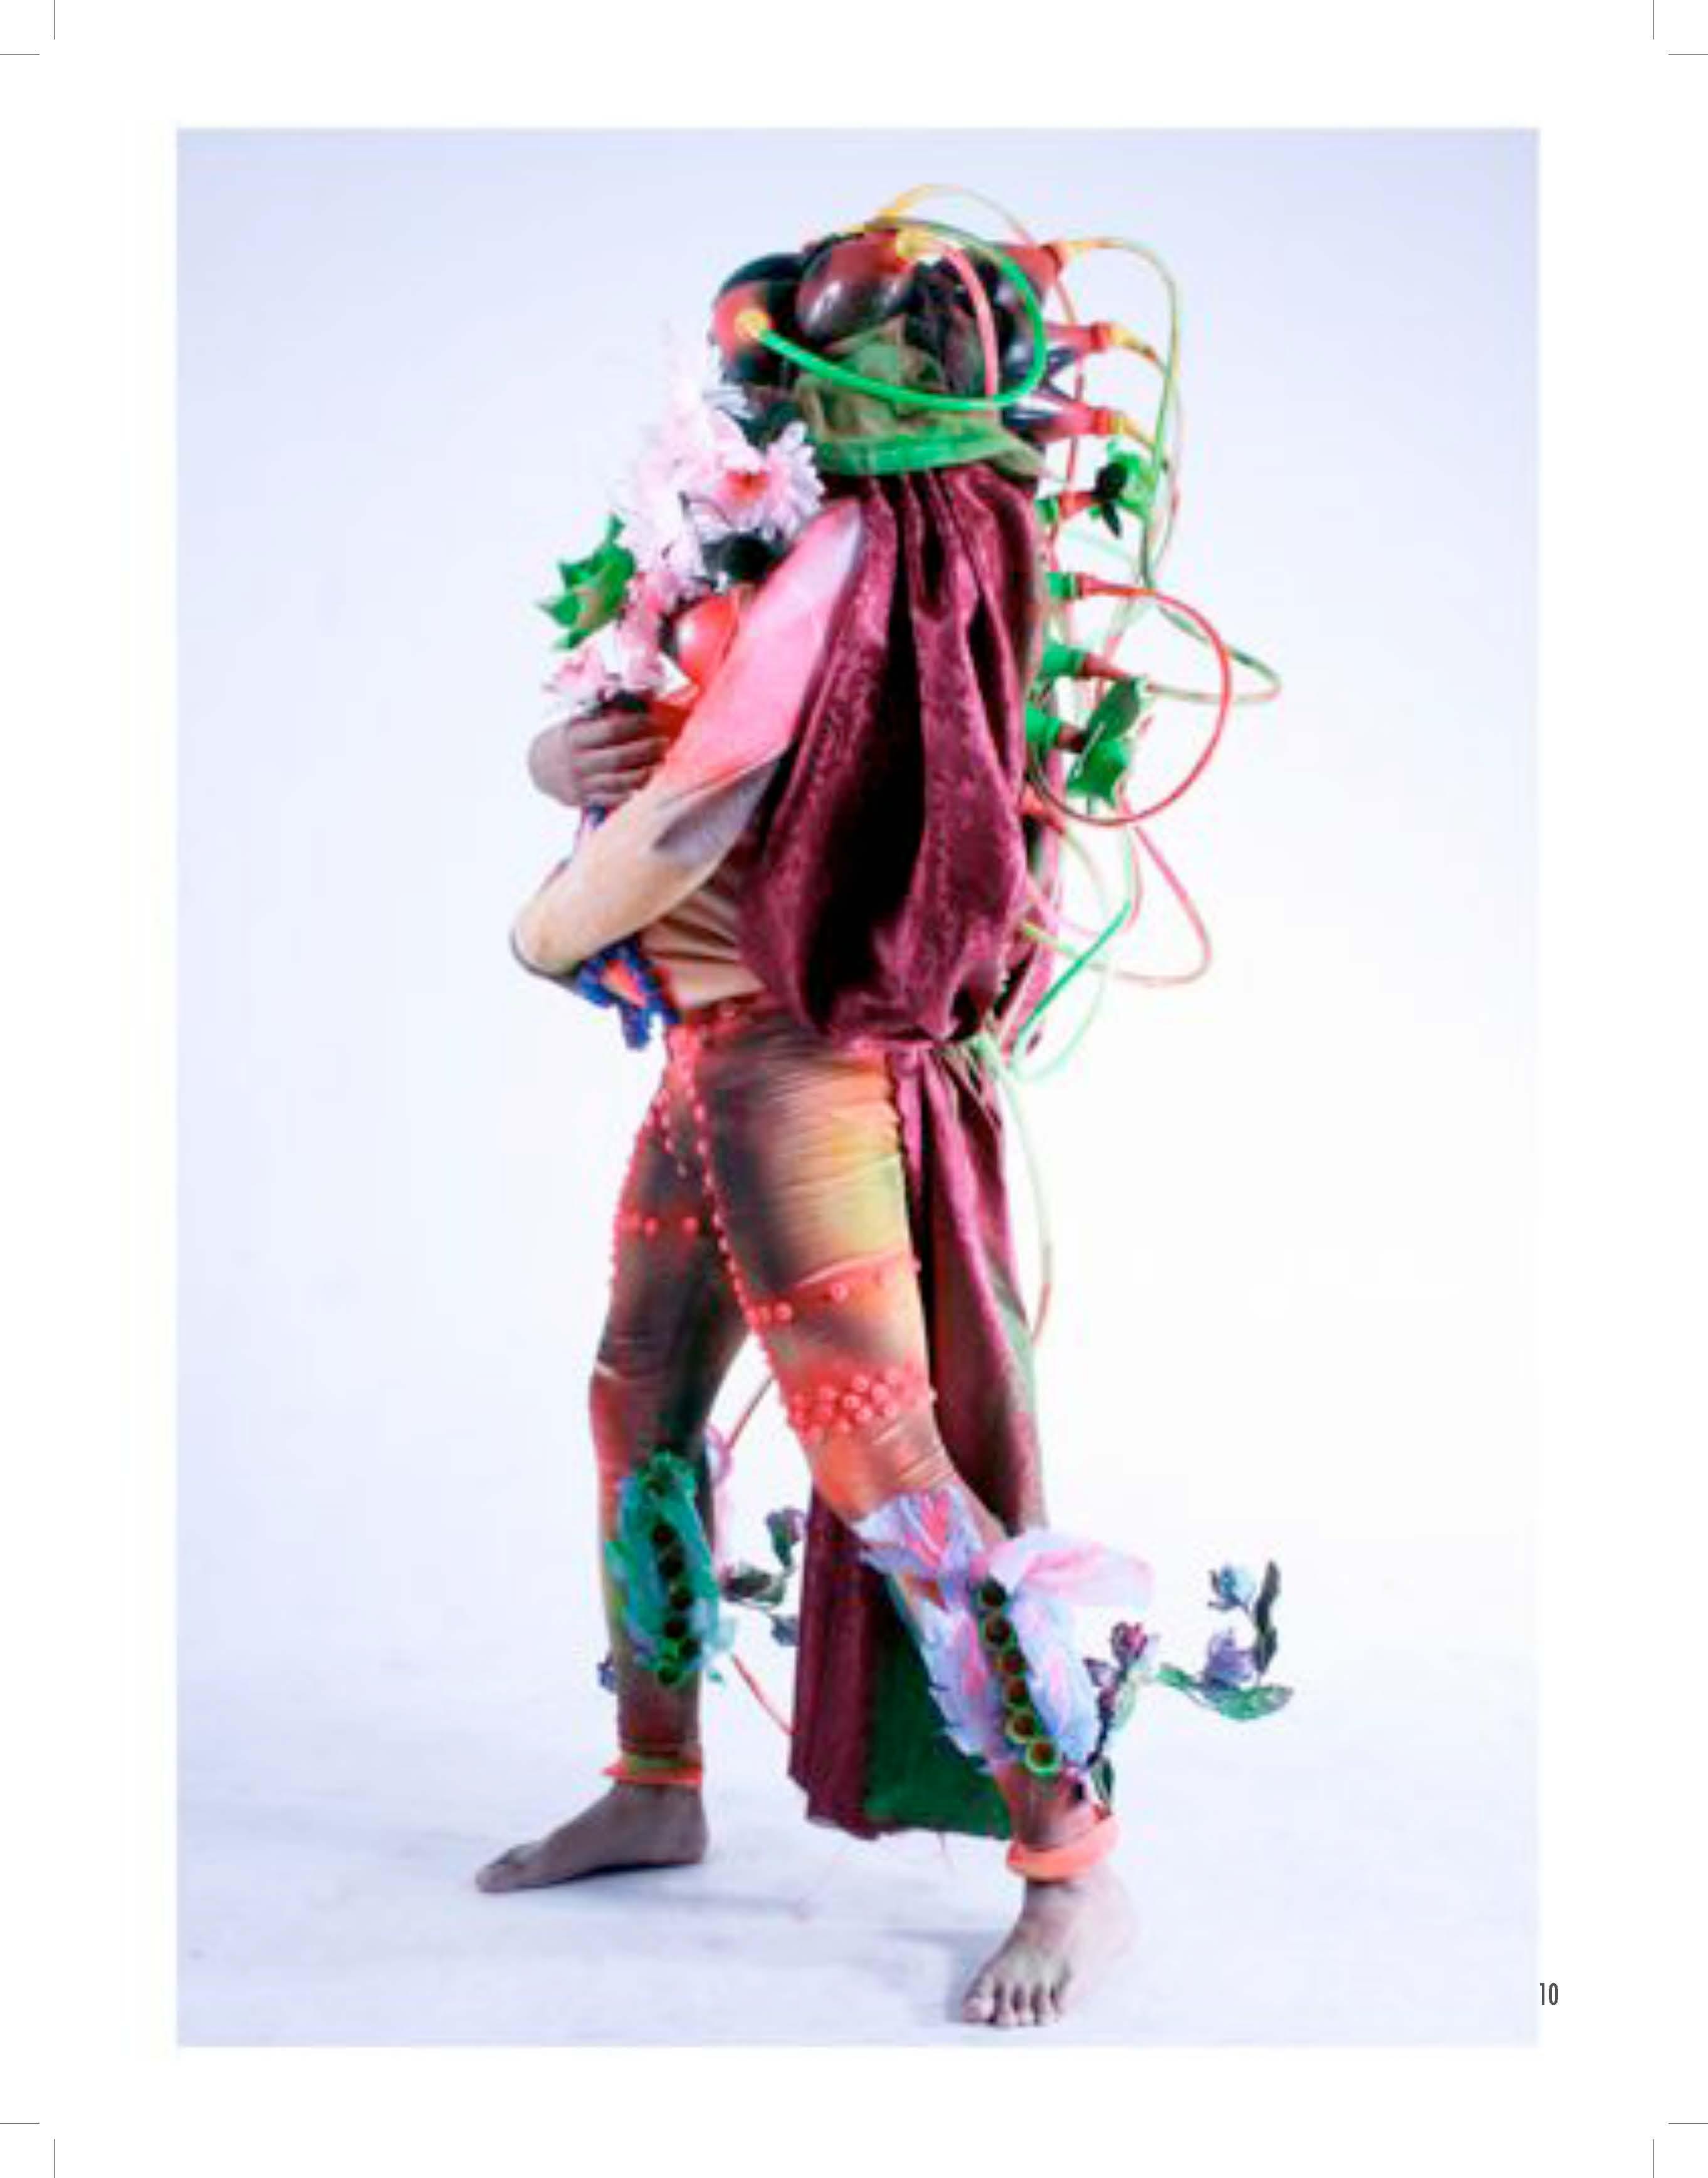 2010 PDF catalogo vestuarios escultoricos_Página_11.jpg